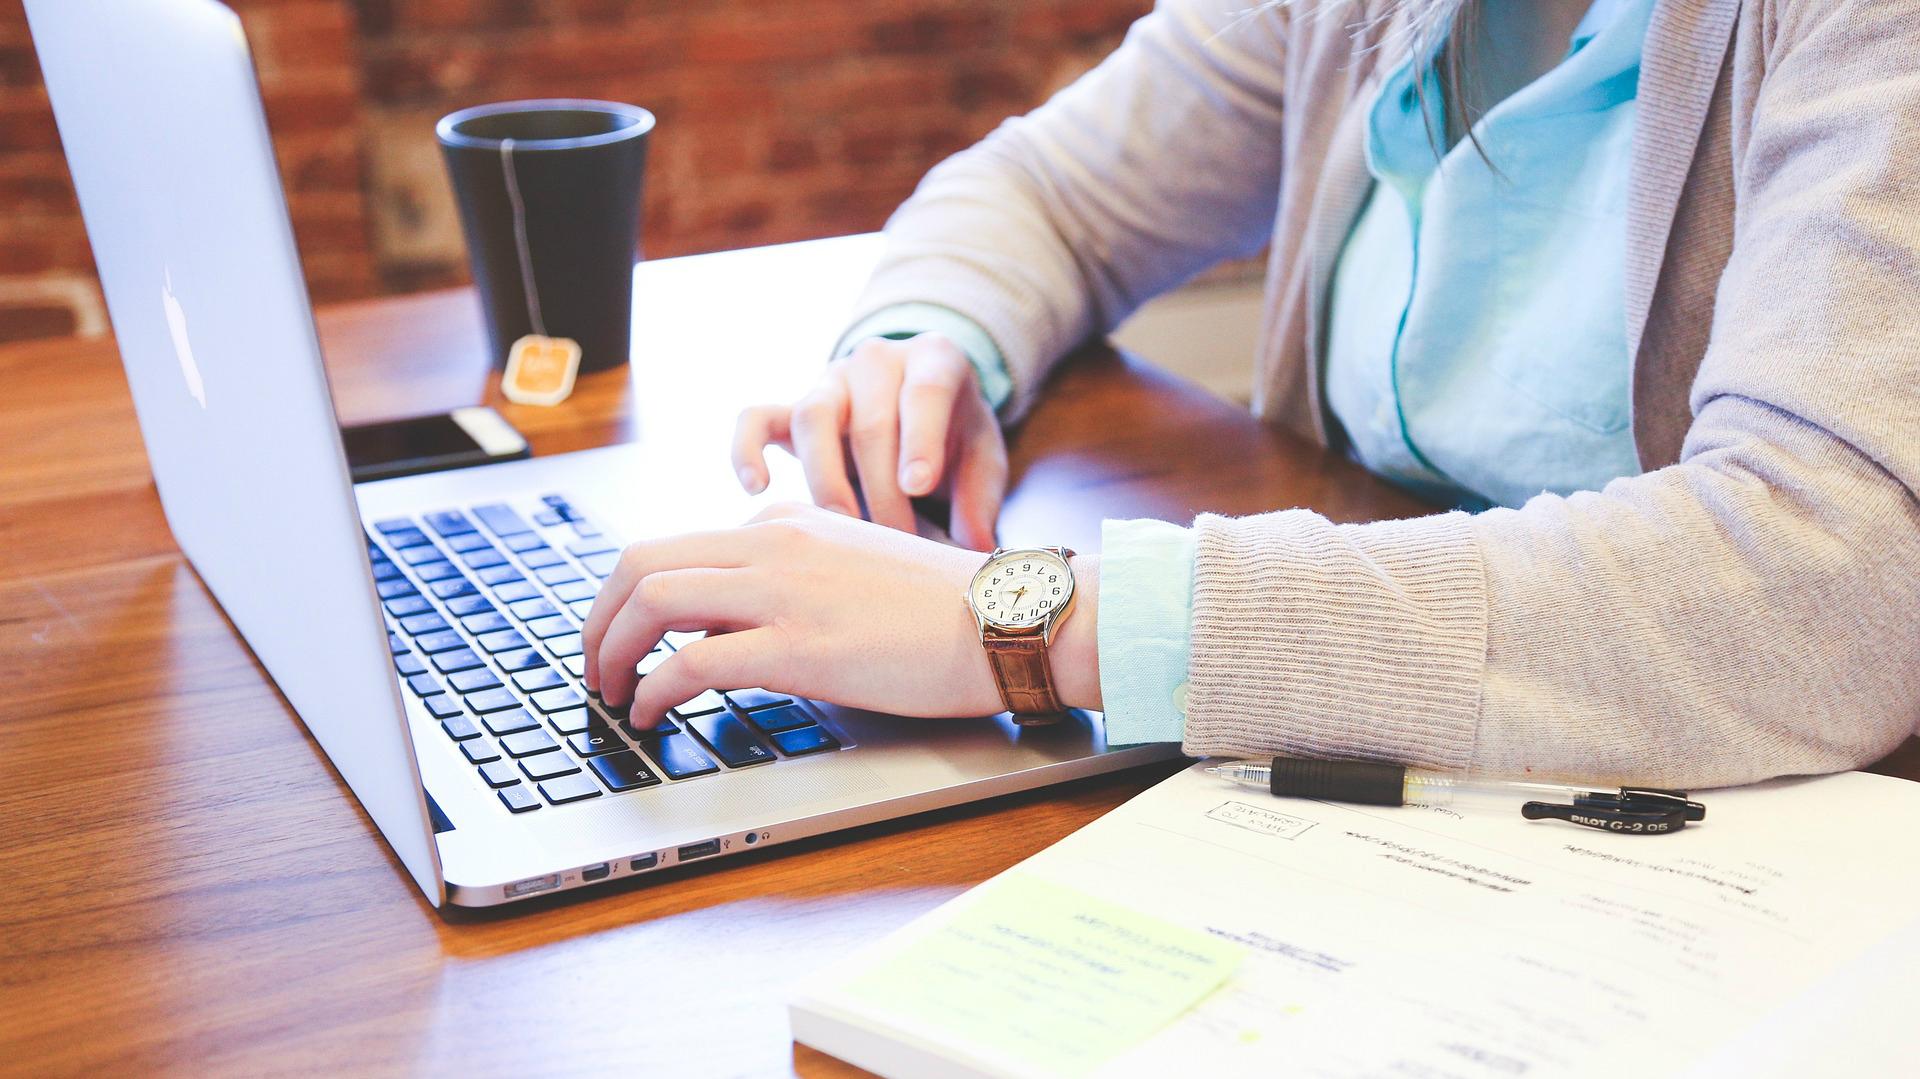 Interesē Darbs Mājās? Iepazīsties ar 14 Iespējām kā Nopelnīt Neizejot no Mājas! | azboulings.lv